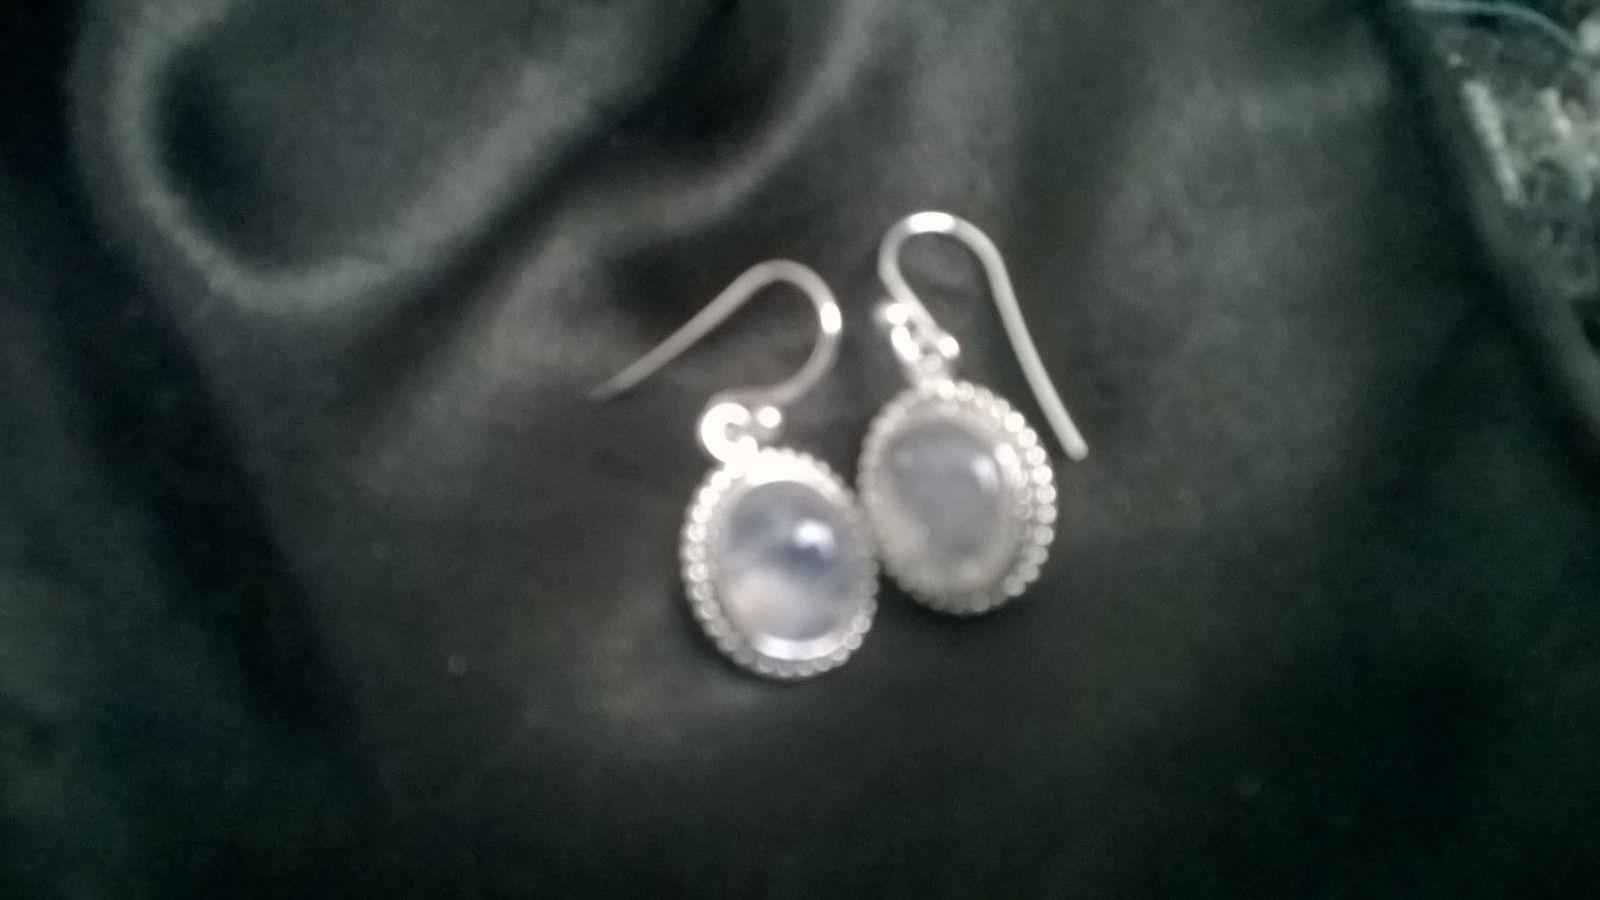 http://www.bonanza.com/listings/Moonstone-Earrings-Moonstone-Sterling-Silver-Earring-Great-/192791323